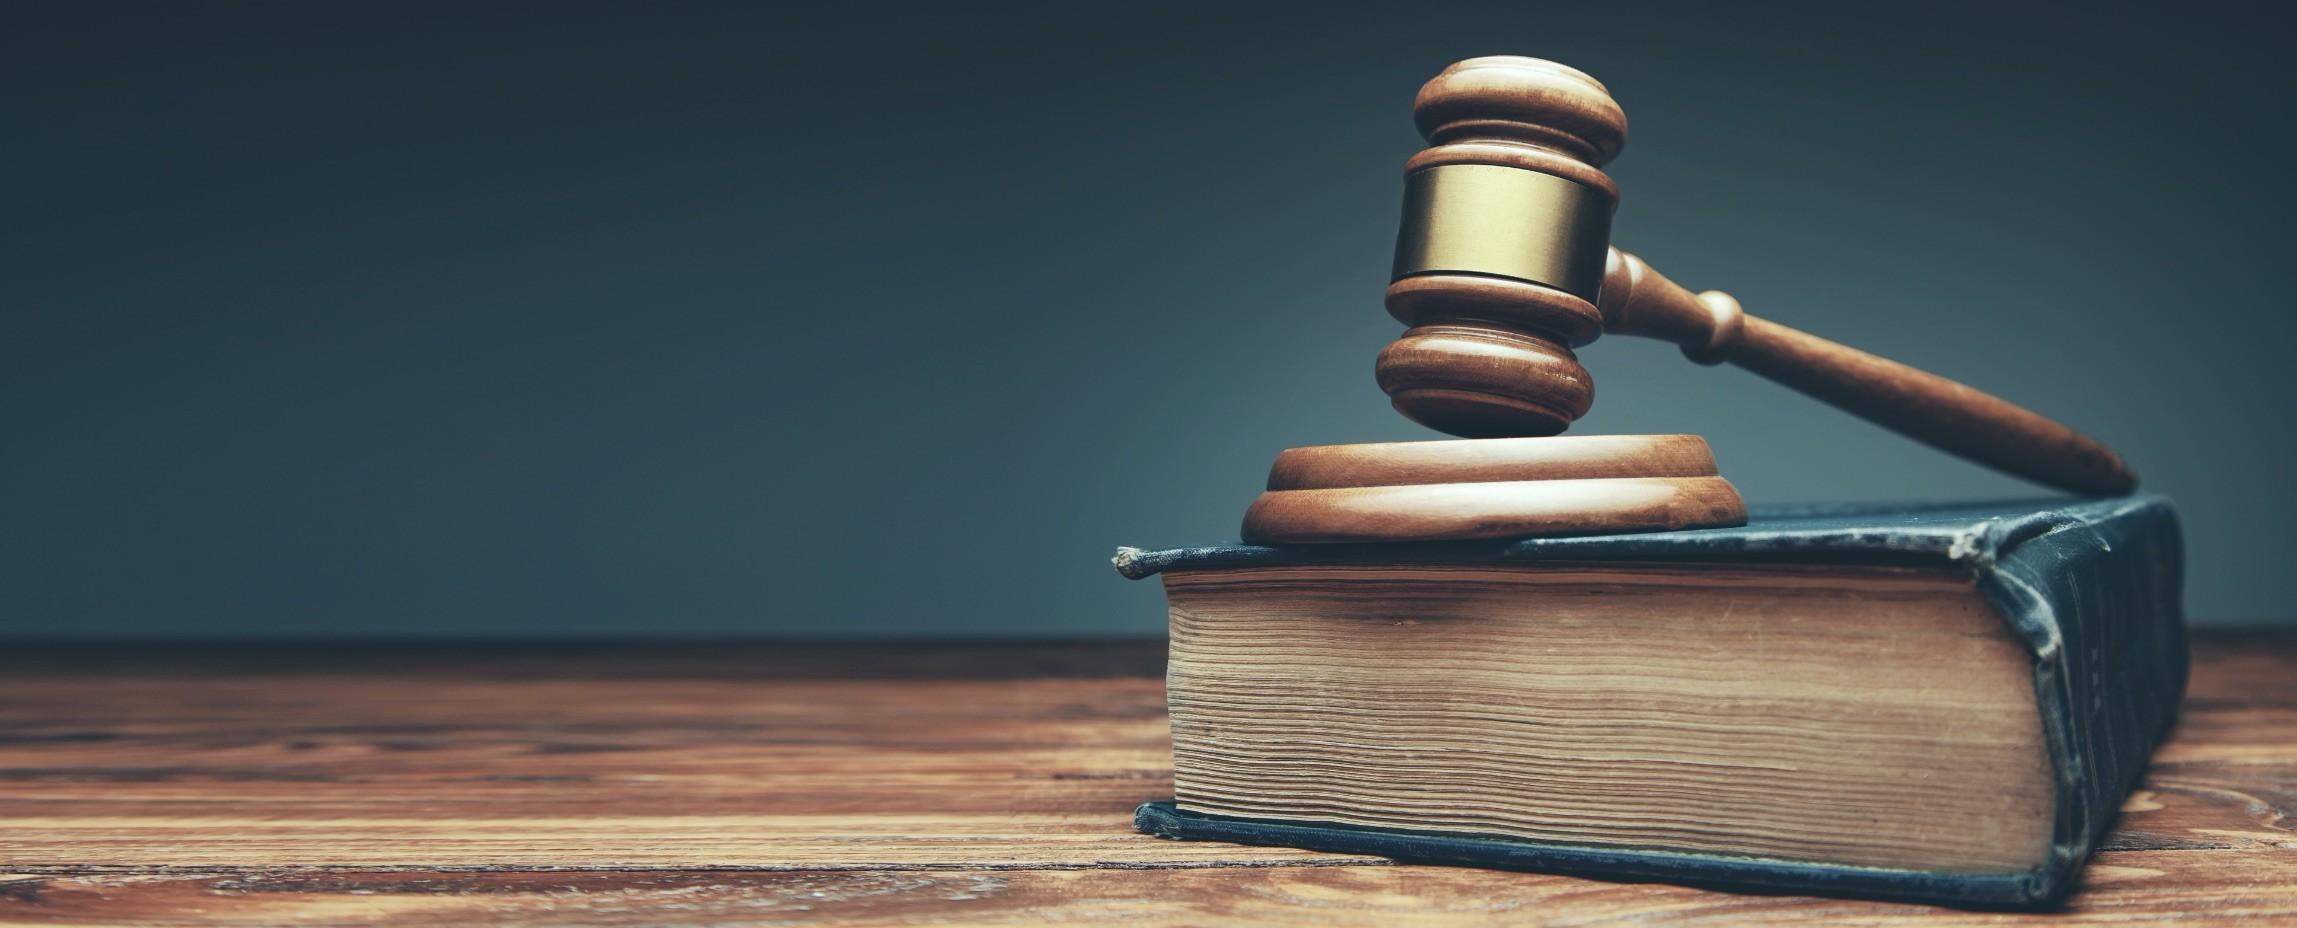 Publication des nouveaux tarifs 2019 et modalités de la réforme en cours des annonces judiciaires et légales